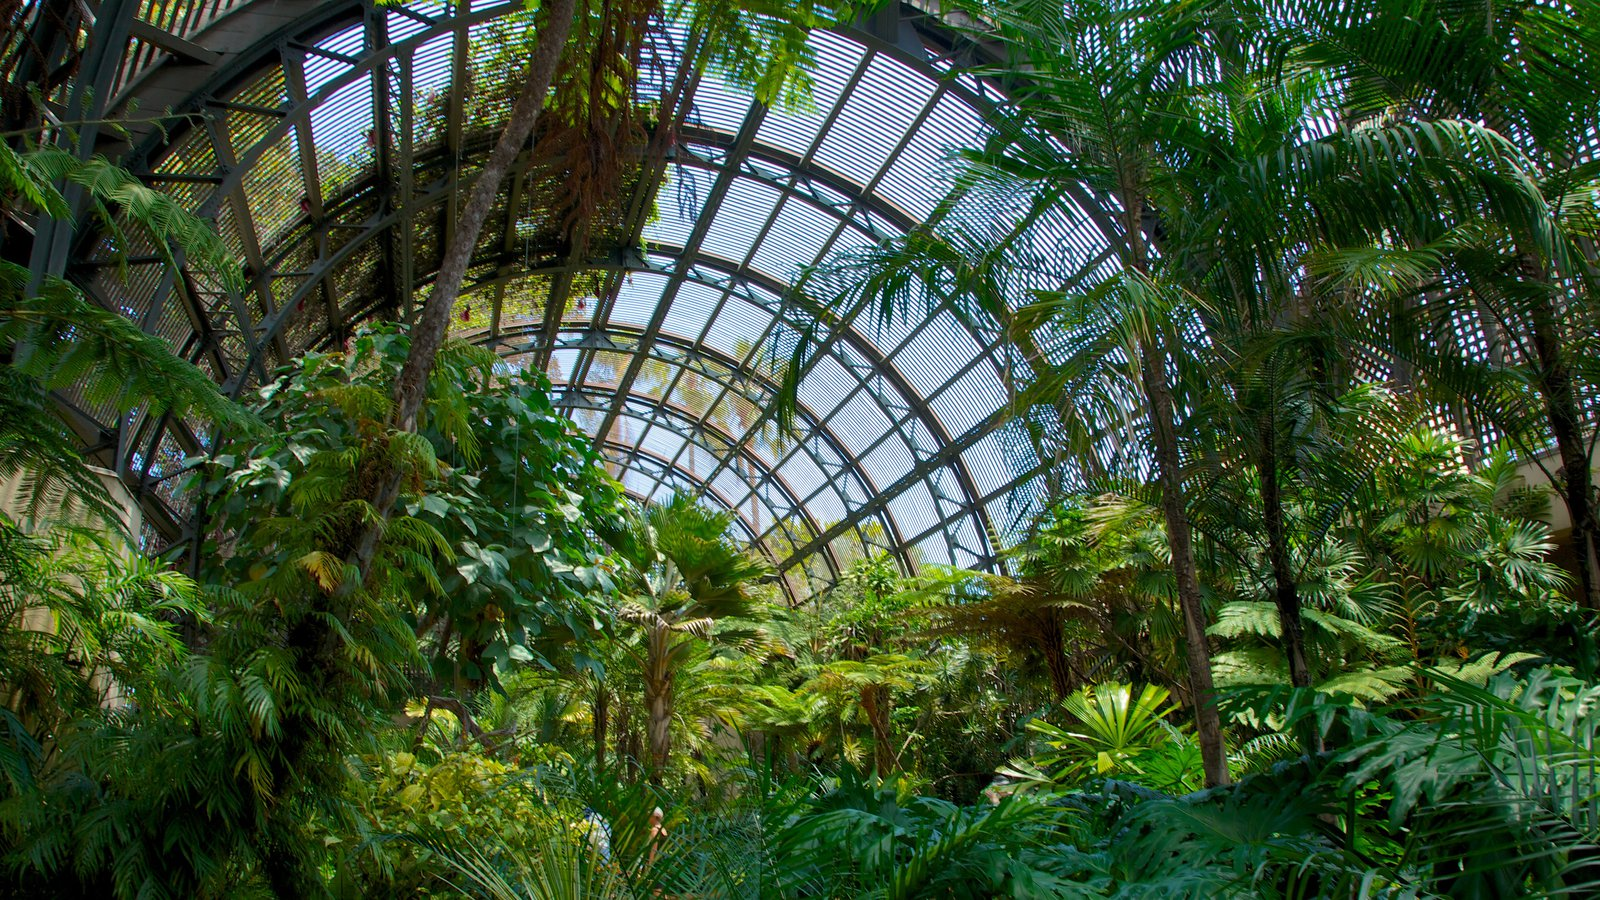 Balboa Park Featuring A Garden And Interior Views